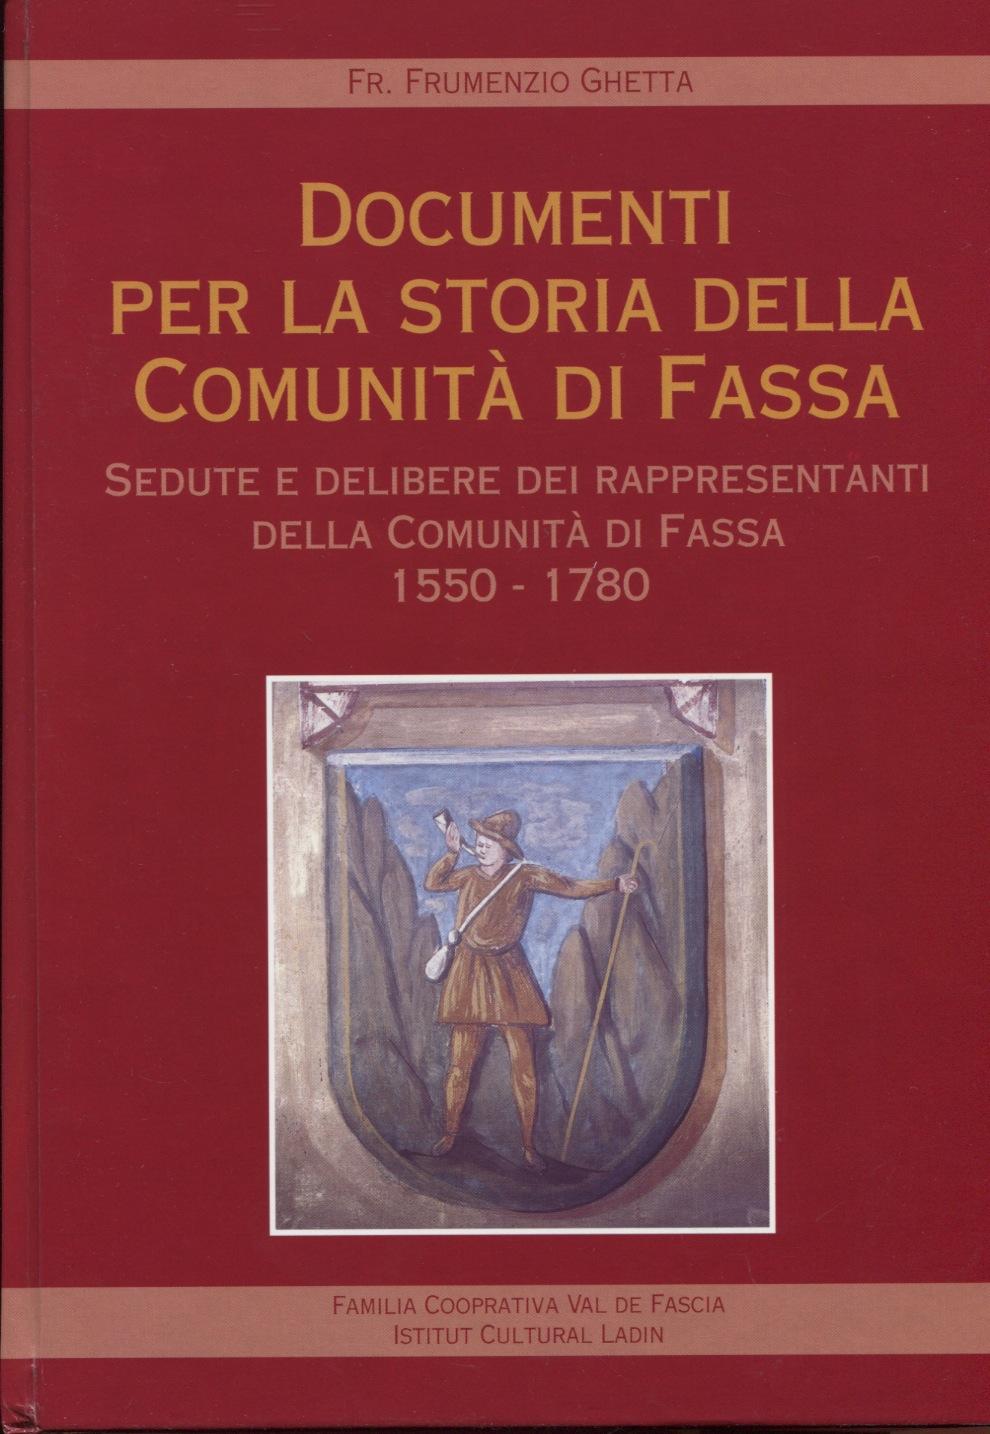 Documenti per la storia della Comunità di Fassa